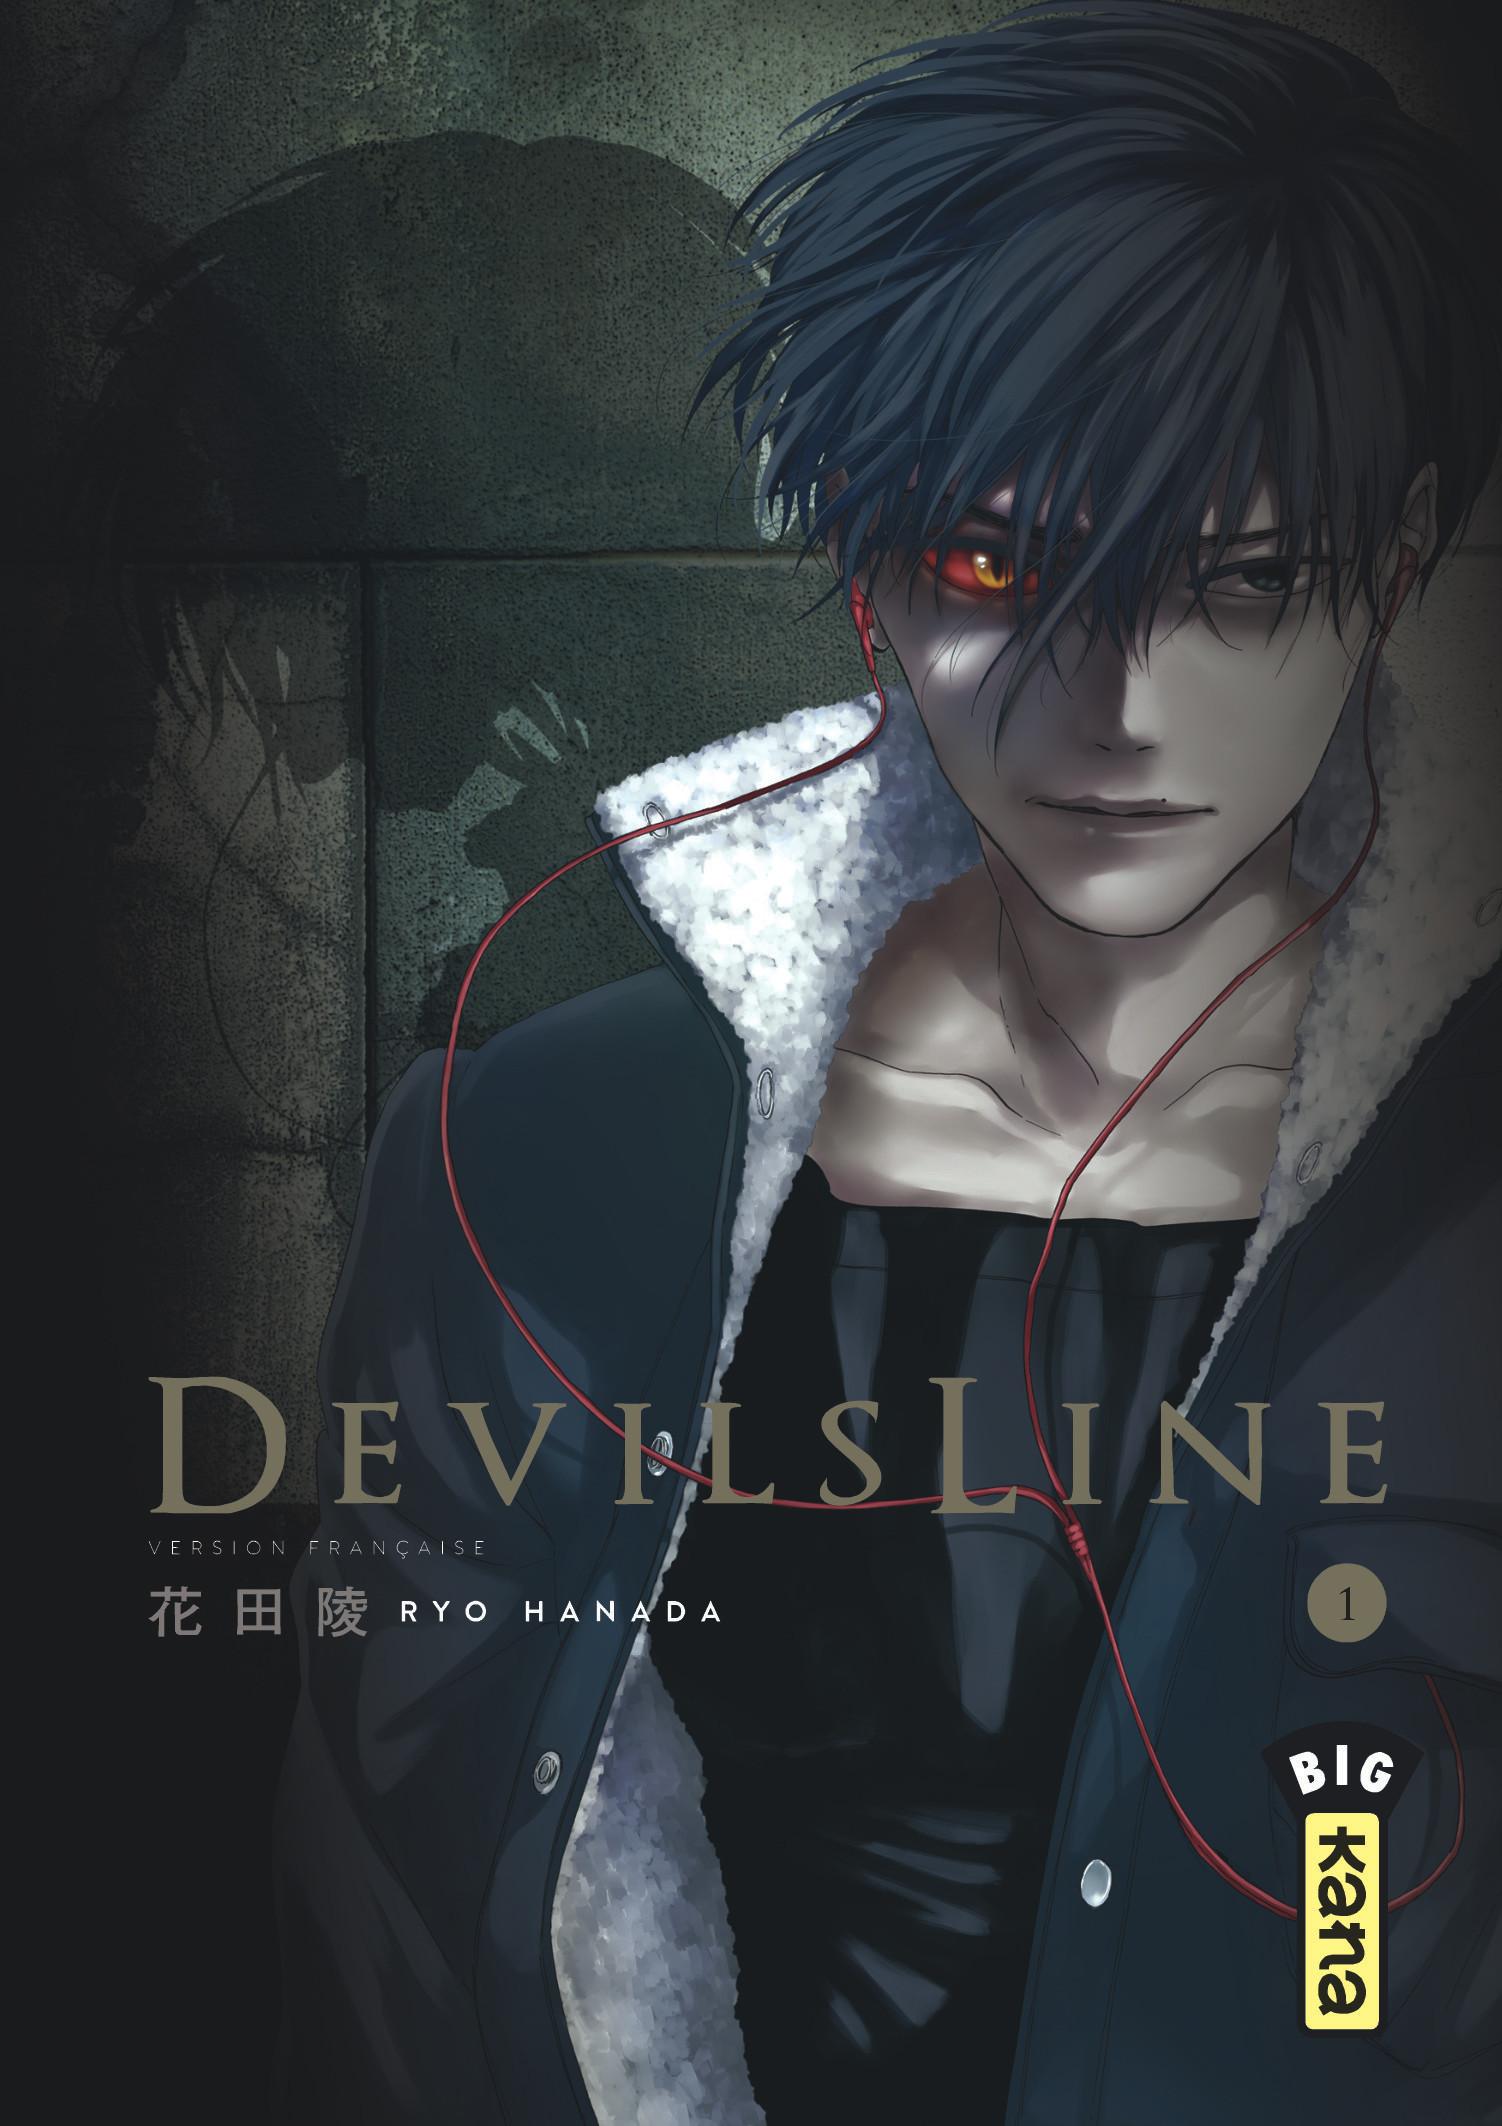 Devils Line Saison 2 Date De Sortie : devils, saison, sortie, Devilsline, Manga, Sanctuary